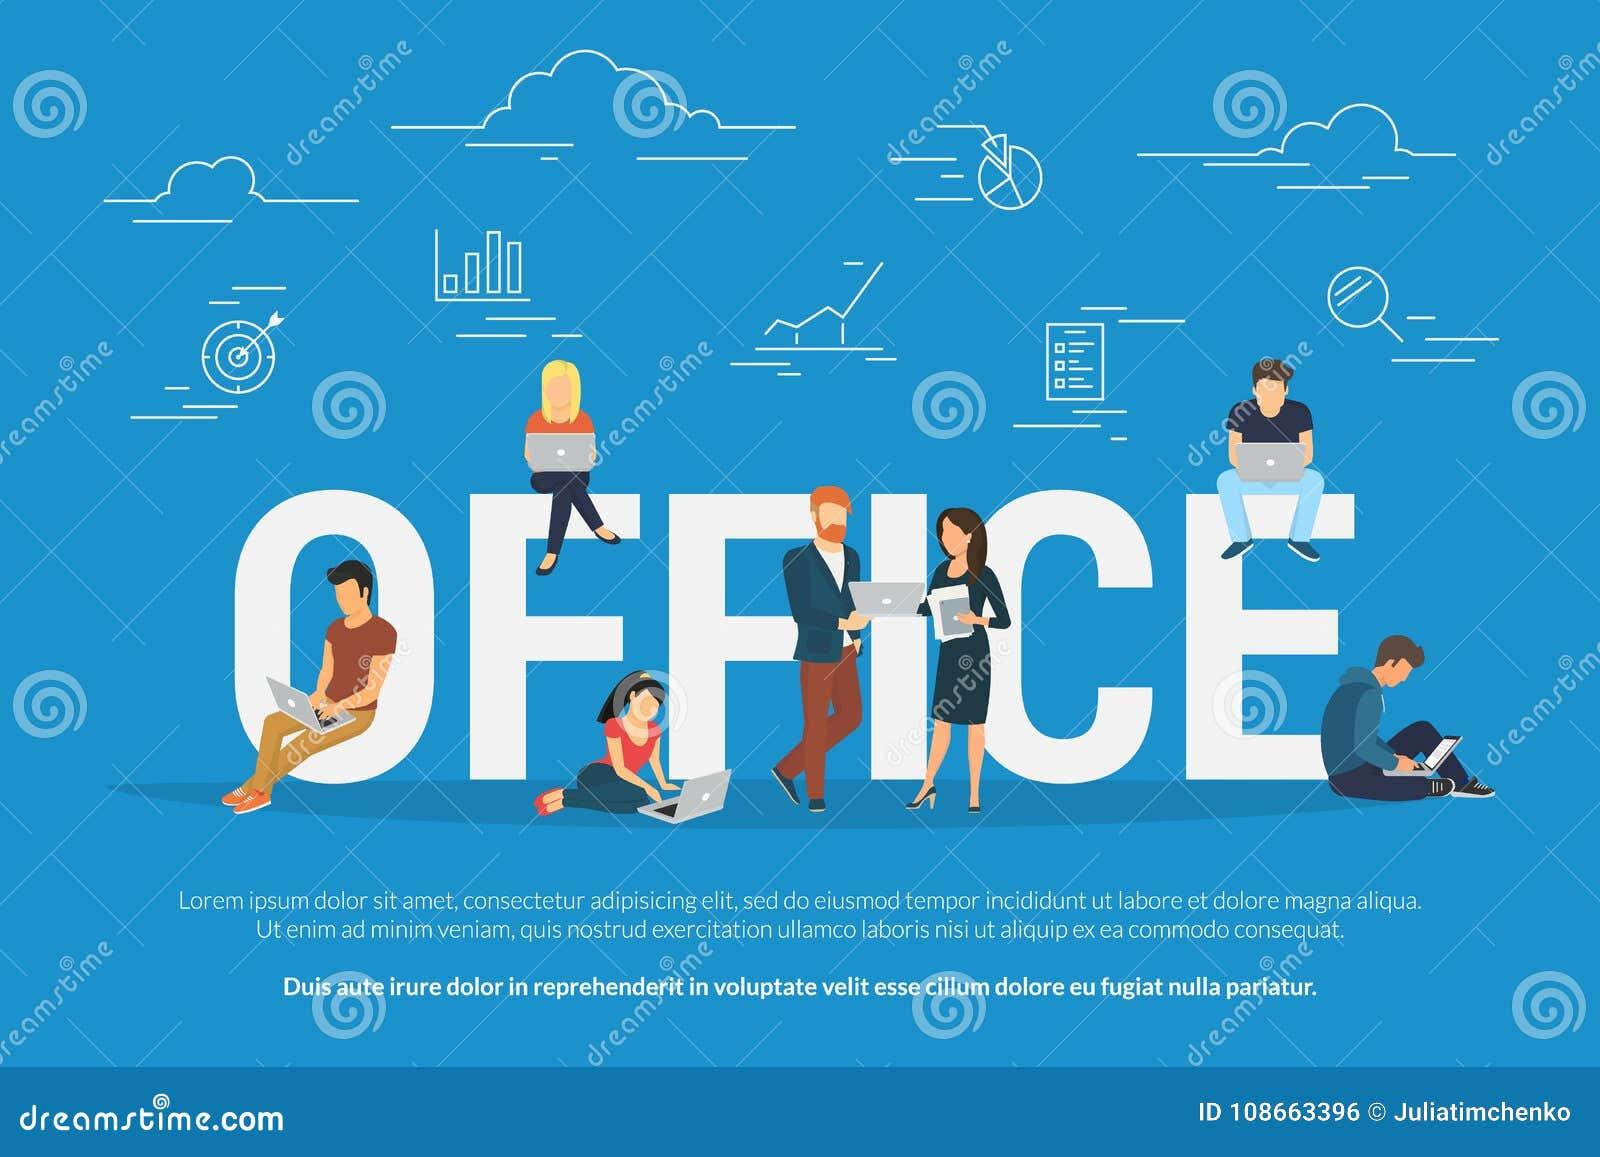 Ομαδική εργασία γραφείων και διανυσματική απεικόνιση στόχων των ανθρώπων που εργάζονται από κοινού